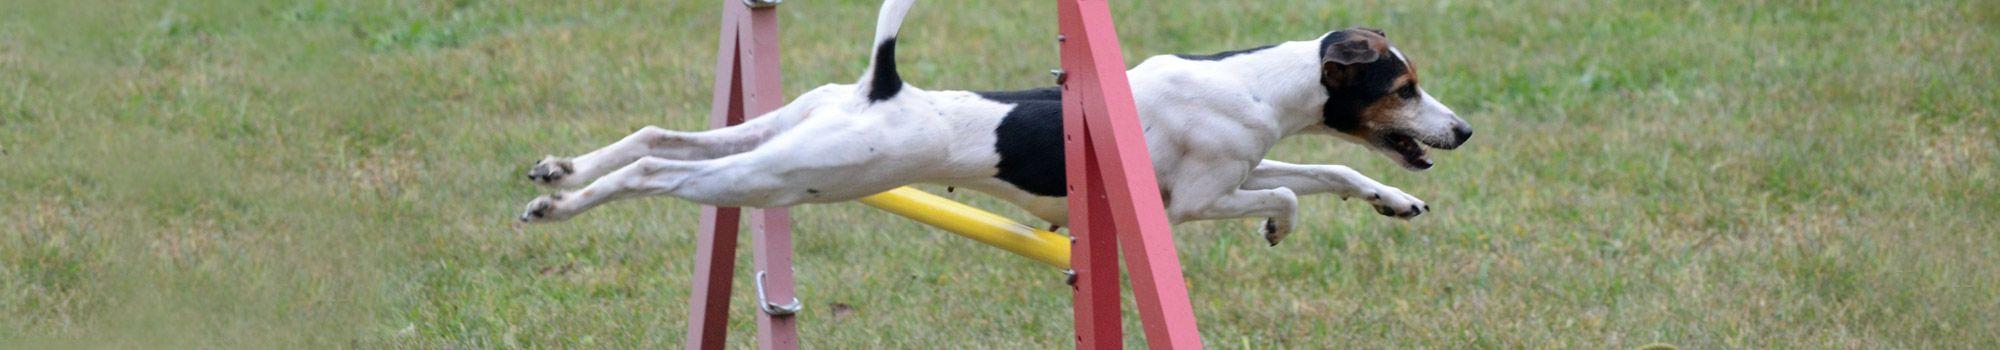 adiestramiento canino entrenamiento perros